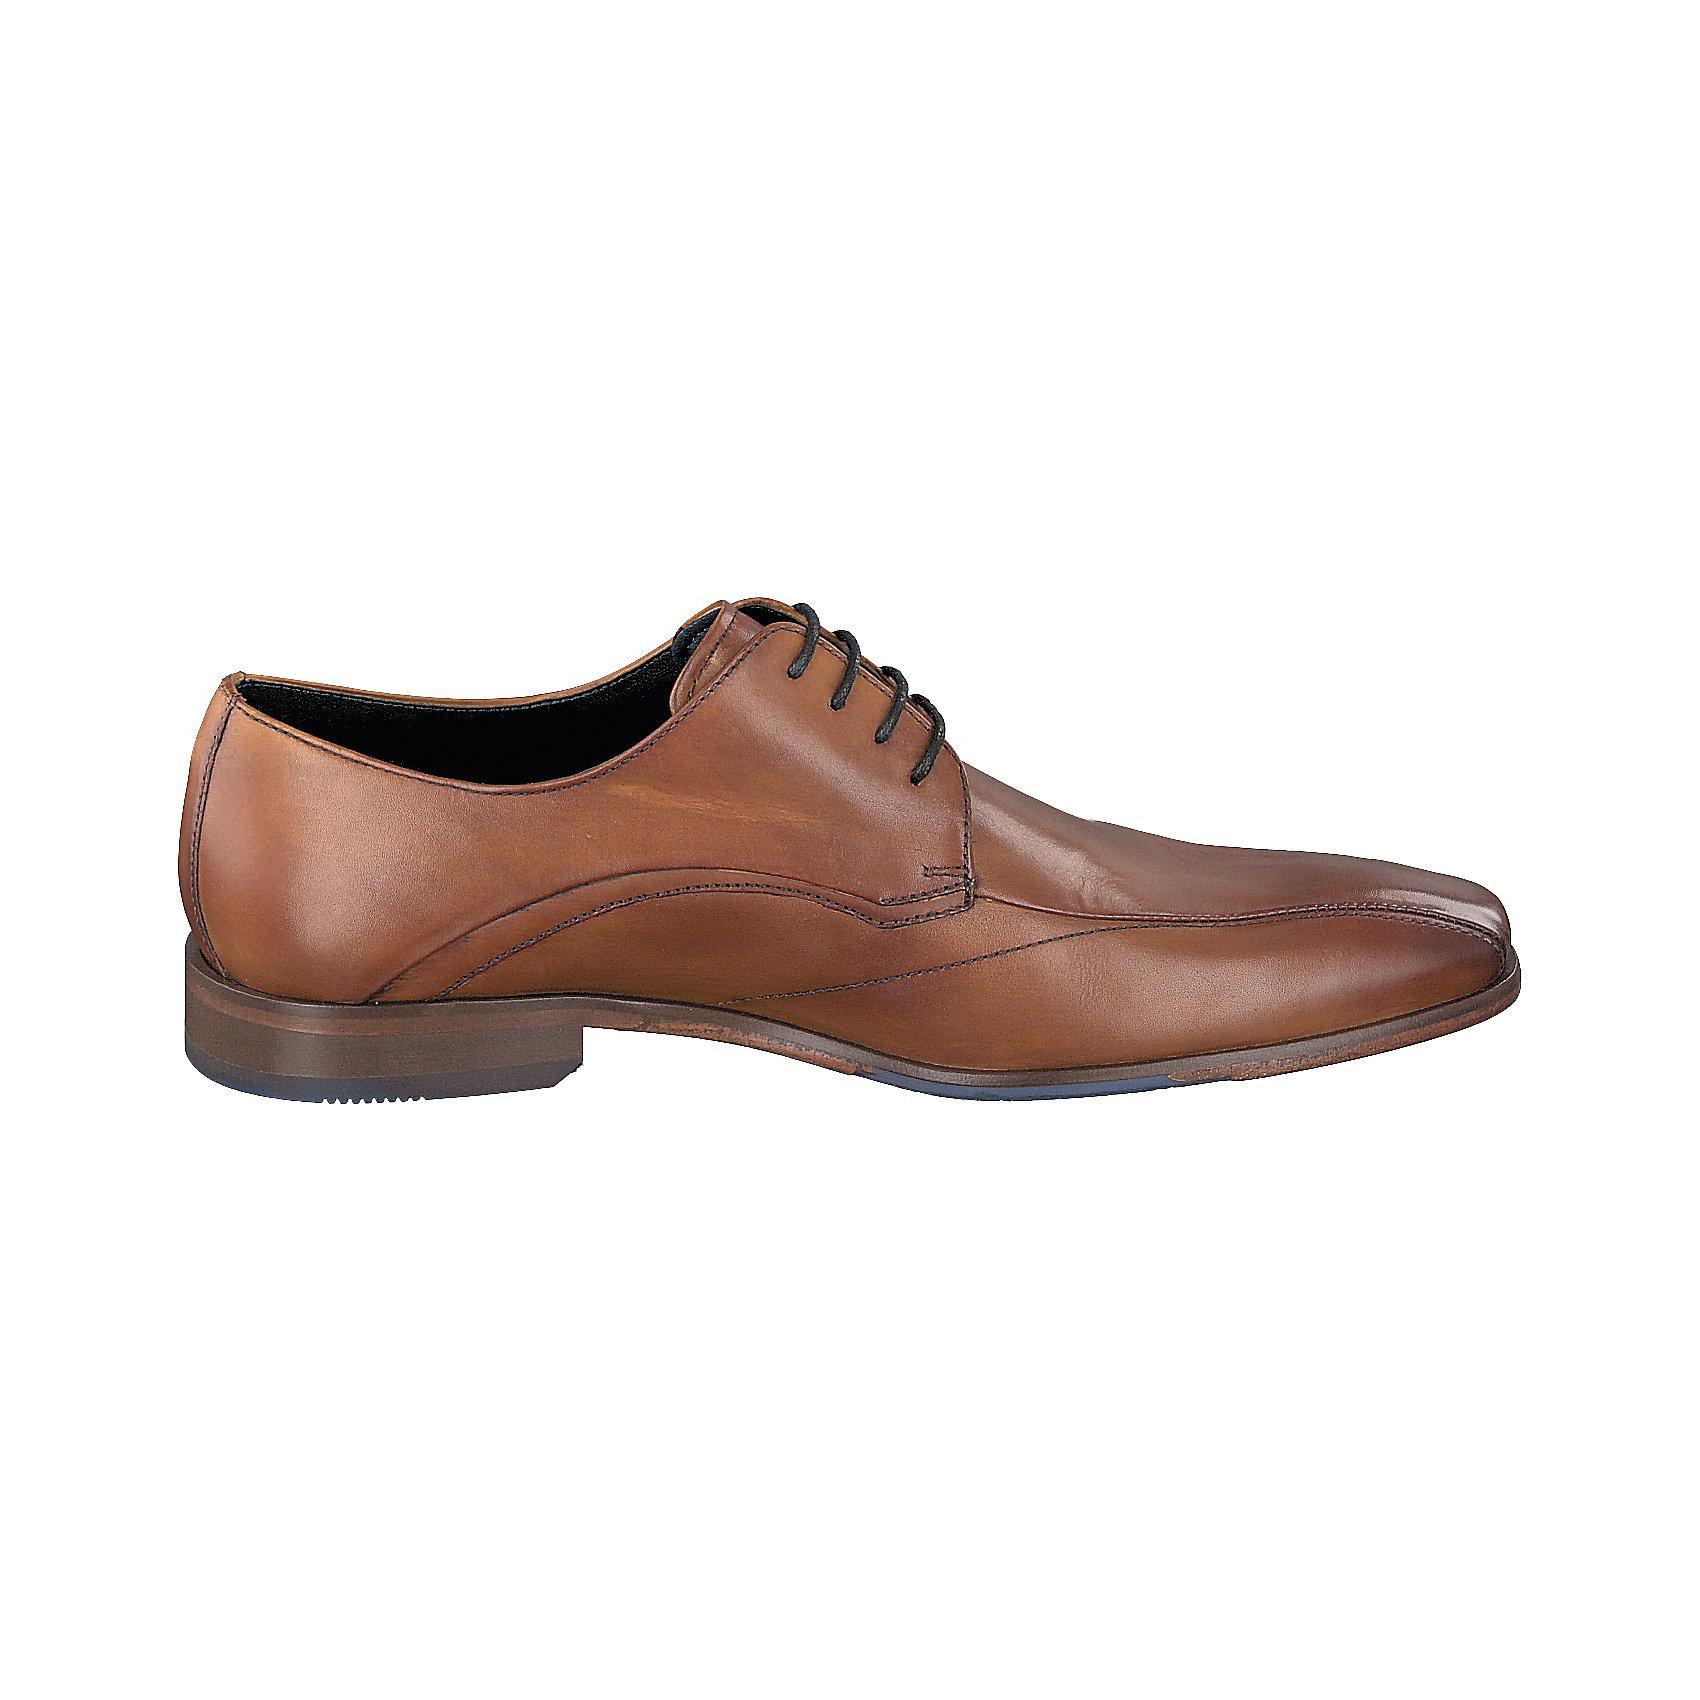 Neu Schuhe DANIEL HECHTER Business Schuhe Neu 5767410 für Herren cognac 1f5c60